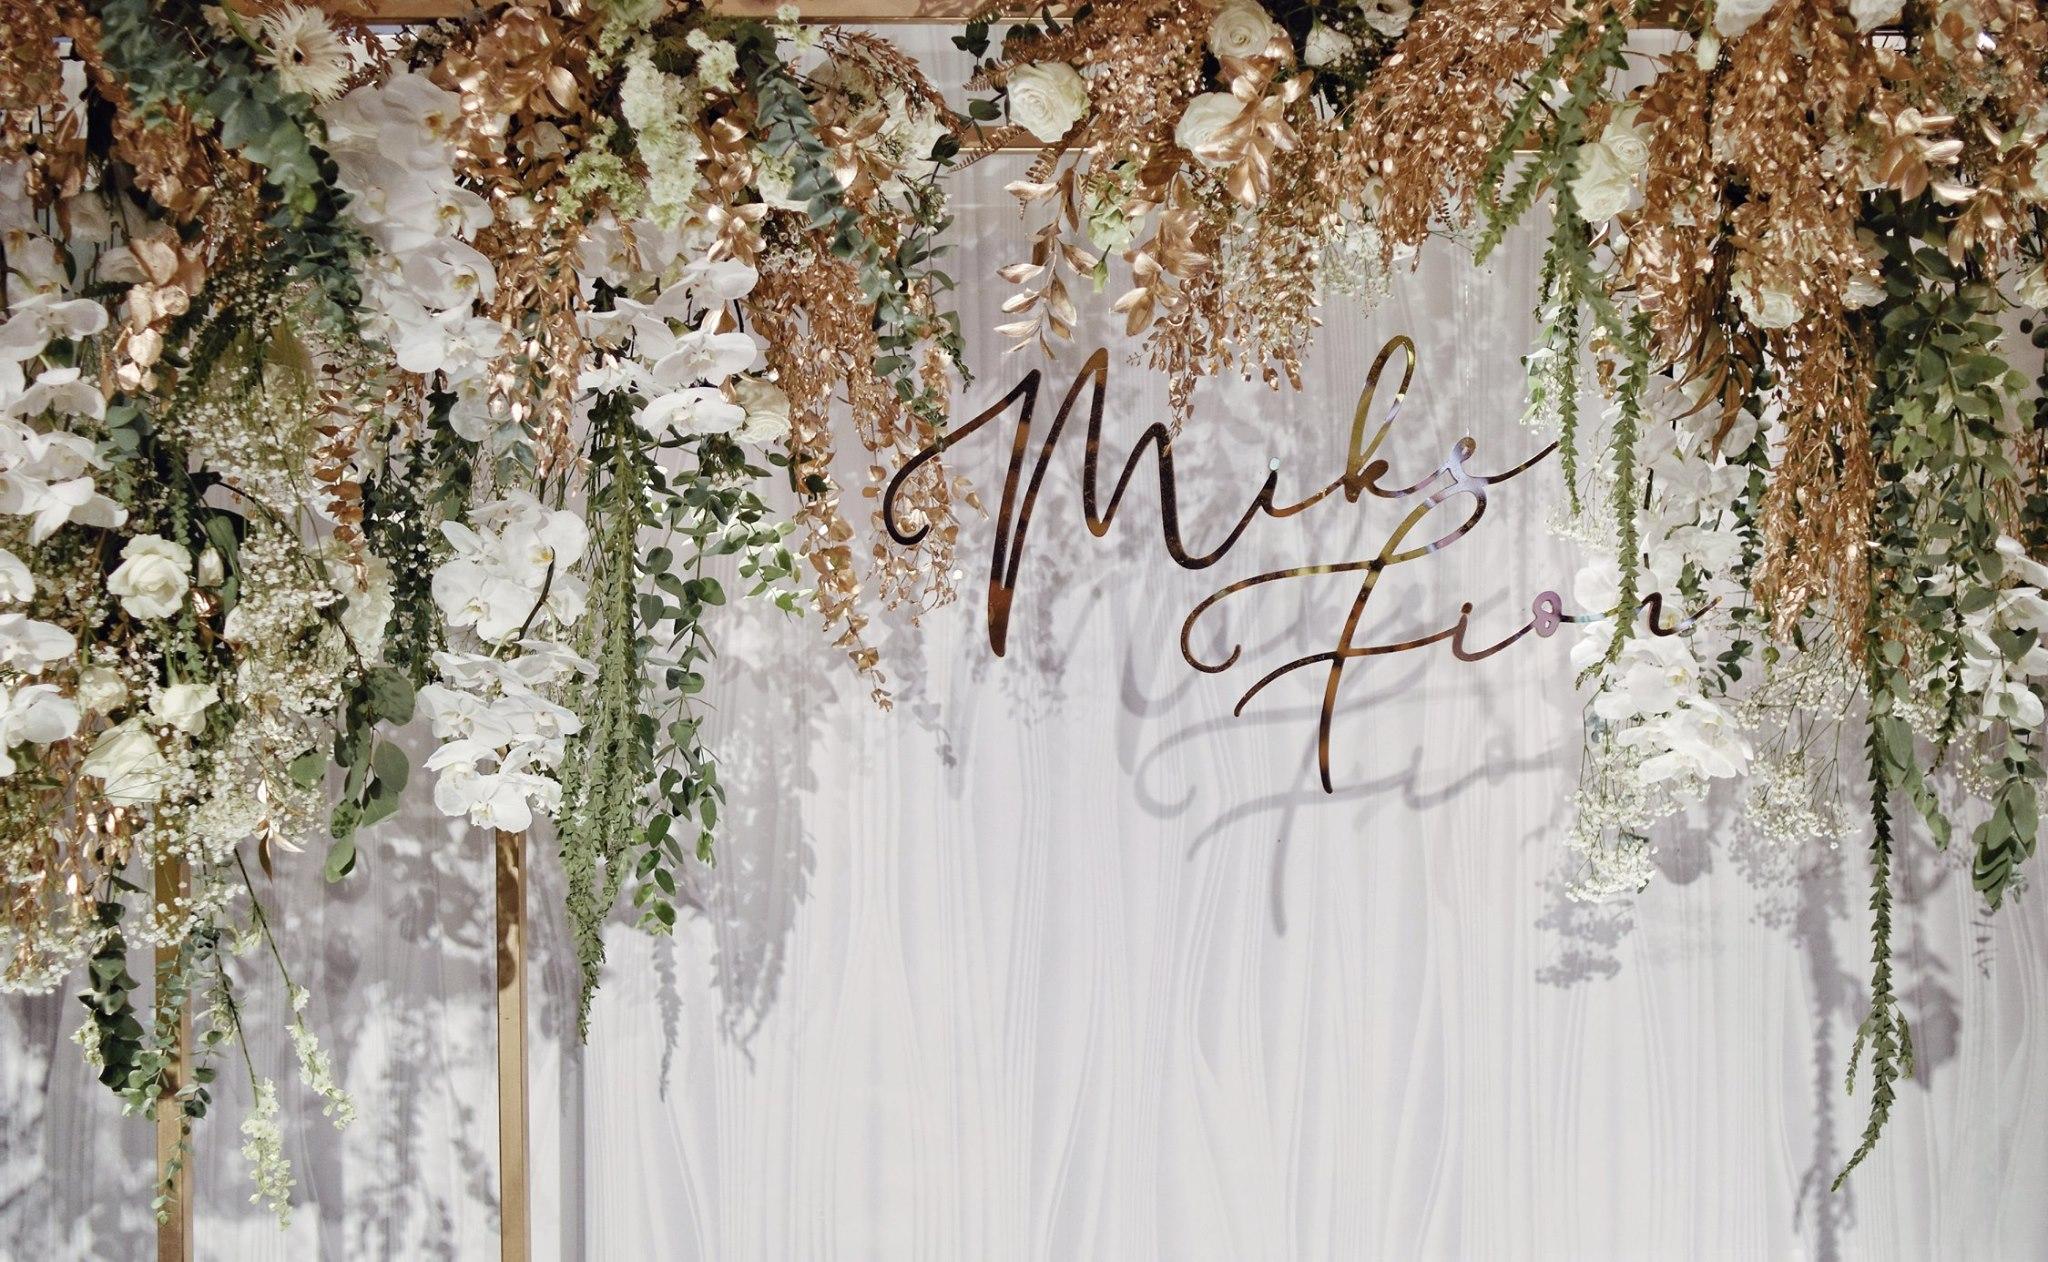 Mike&Fion 瑪莎計畫婚禮主持人 婚禮顧問 婚禮企劃 婚禮服務